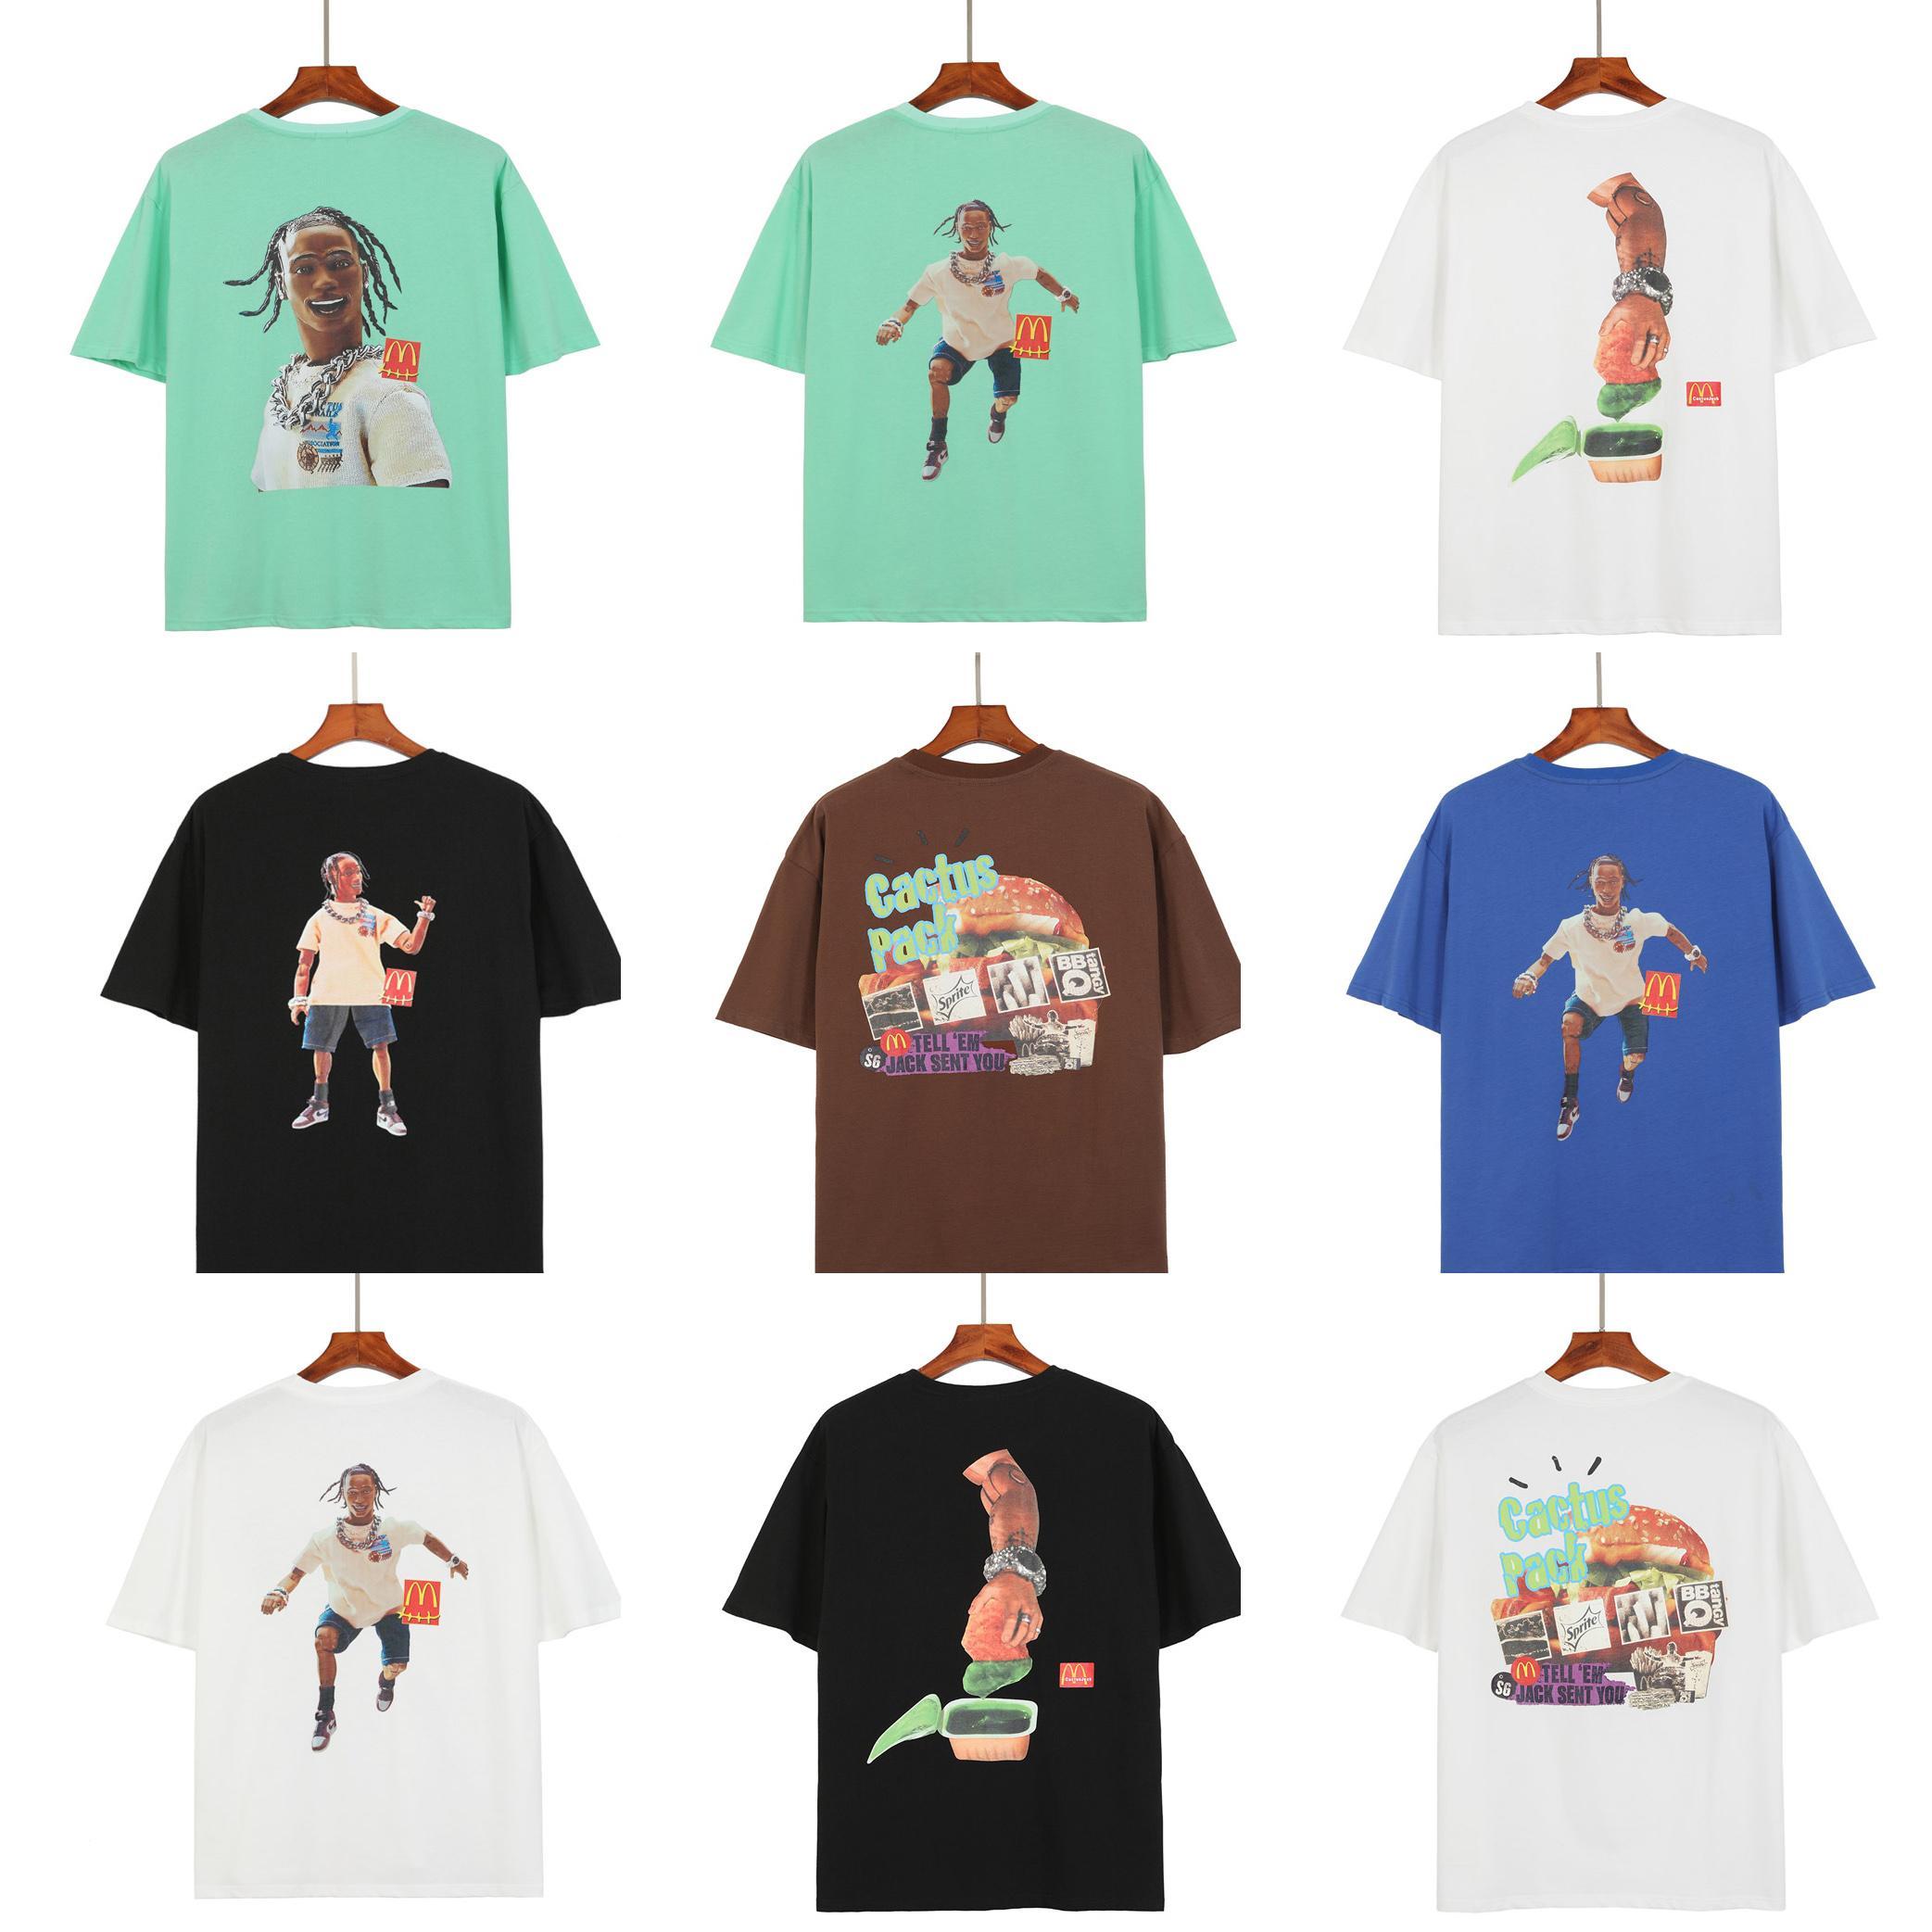 2021 망 디자이너 티셔츠 탑 QAULITY 티 블랙 티셔츠 캐주얼 여성 TRAVIS Scott Tee Print Tshirt Summer Mens 럭셔리 T 셔츠